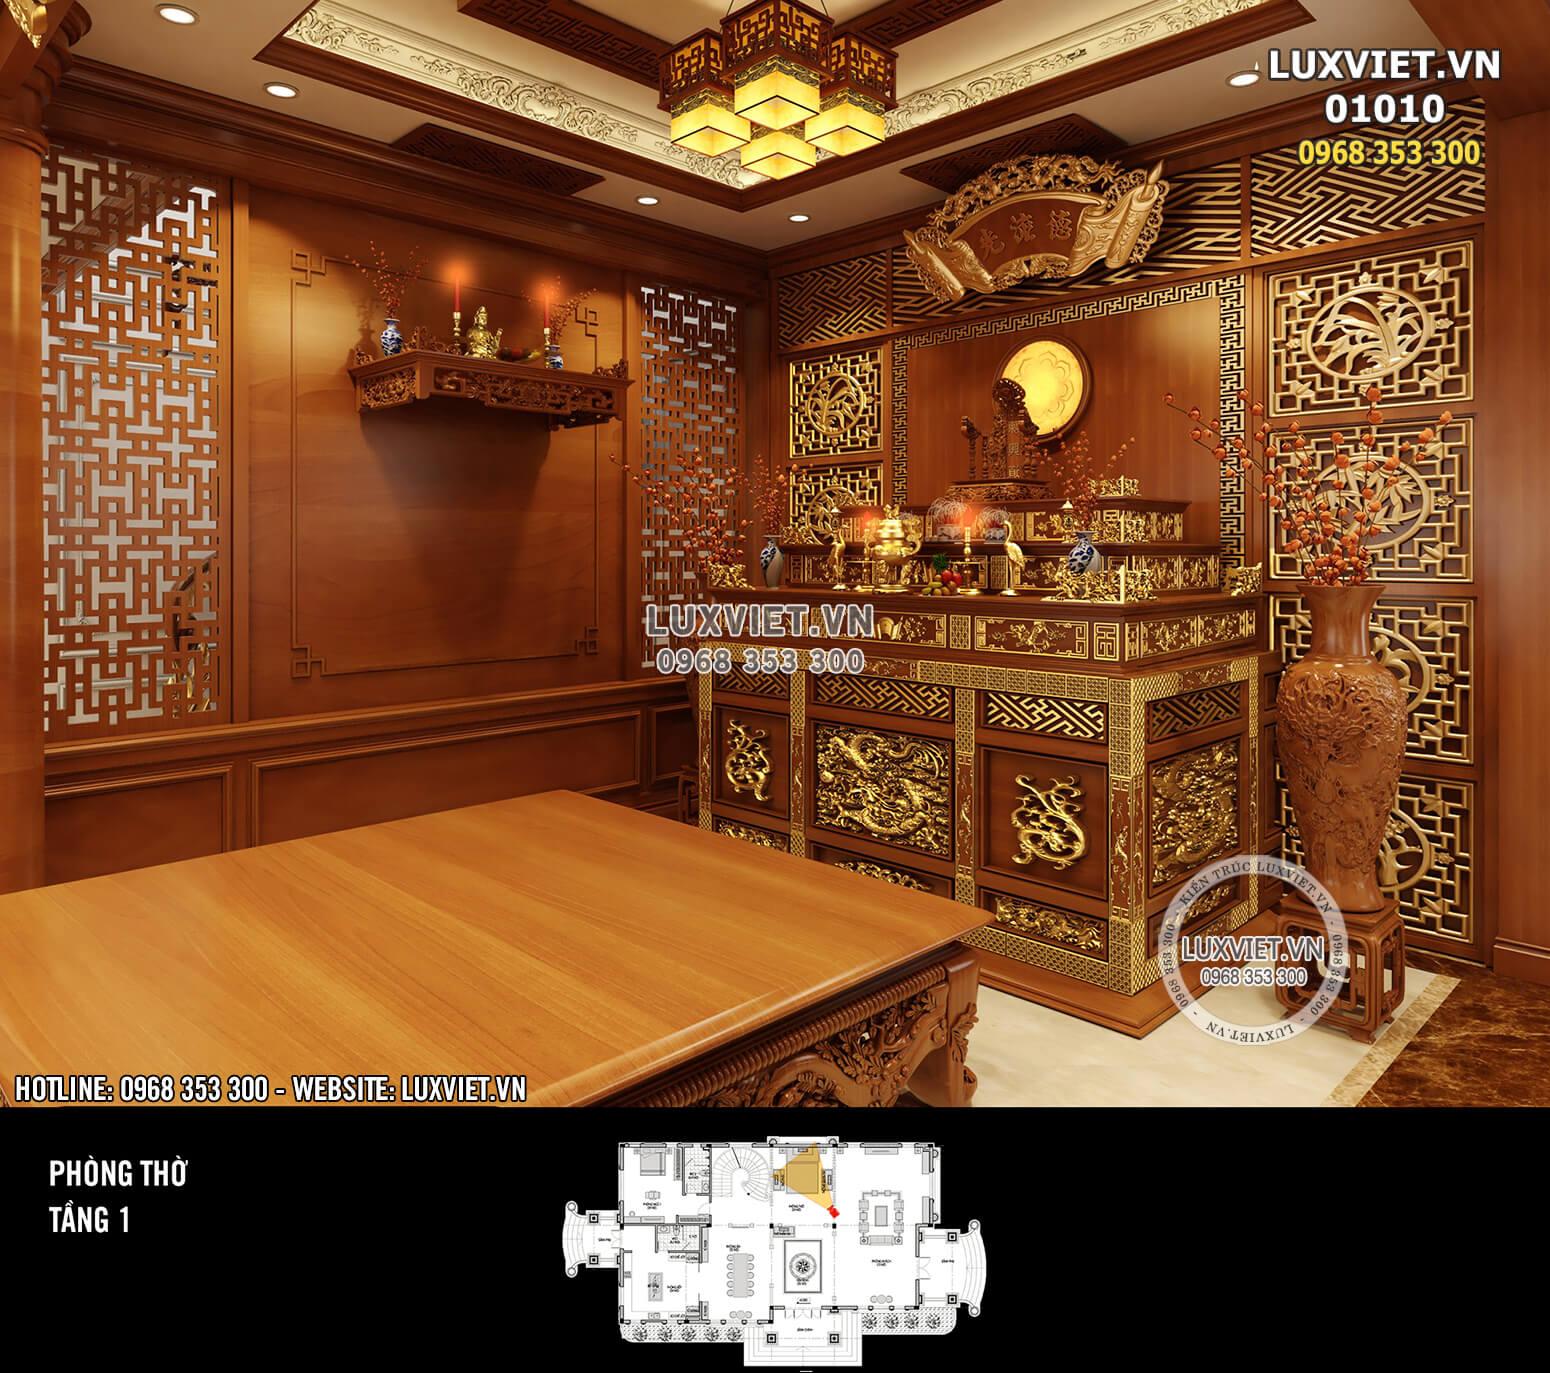 Hình ảnh: Phòng thờ sử dụng chất liệu gỗ cao cấp - LV 01010